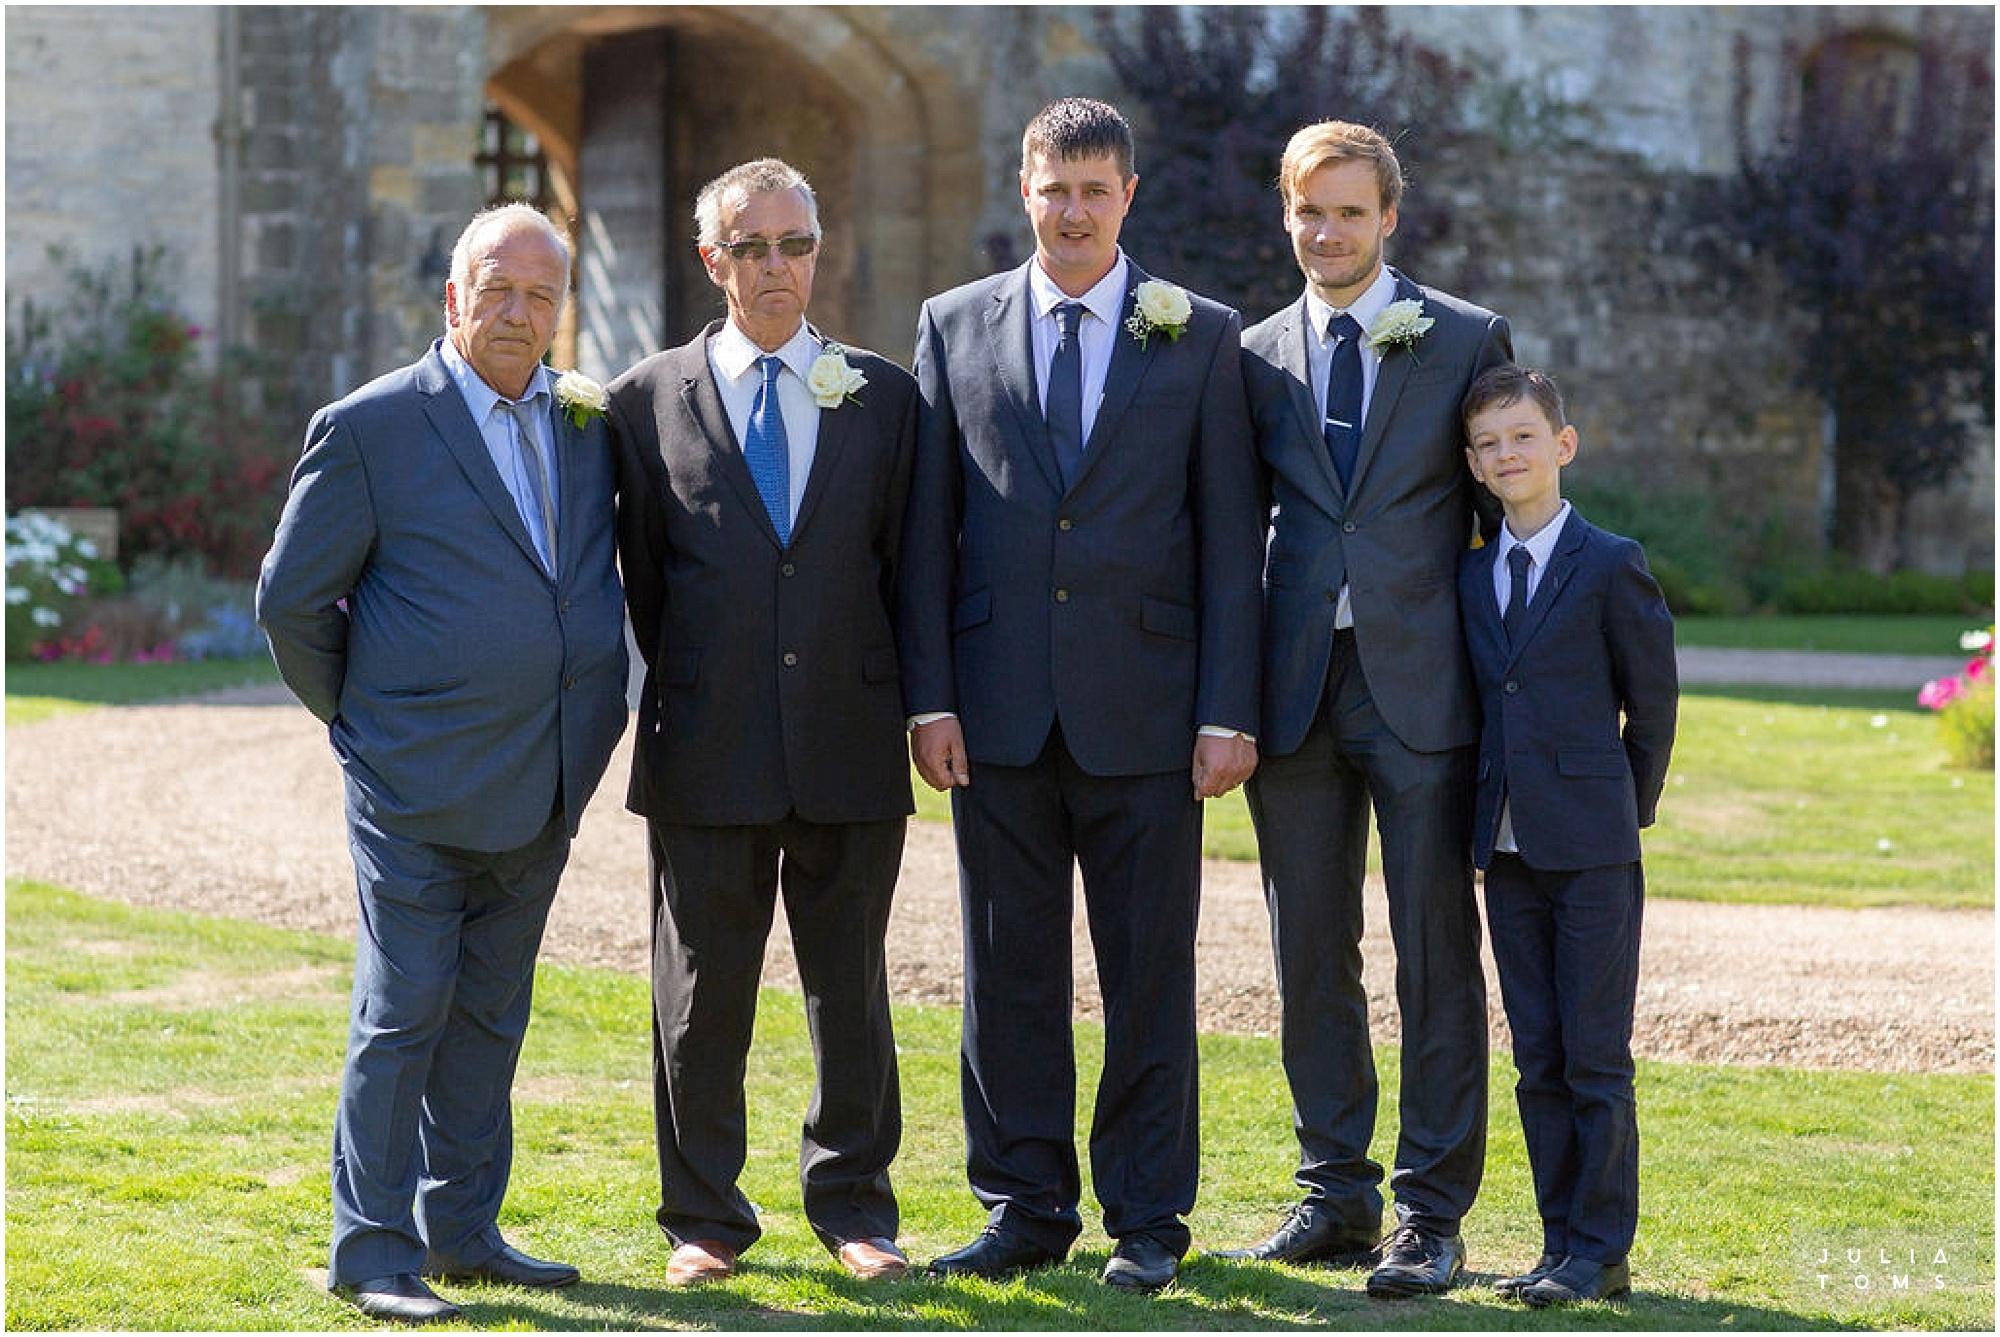 amberley_castle_wedding_photographer_067.jpg